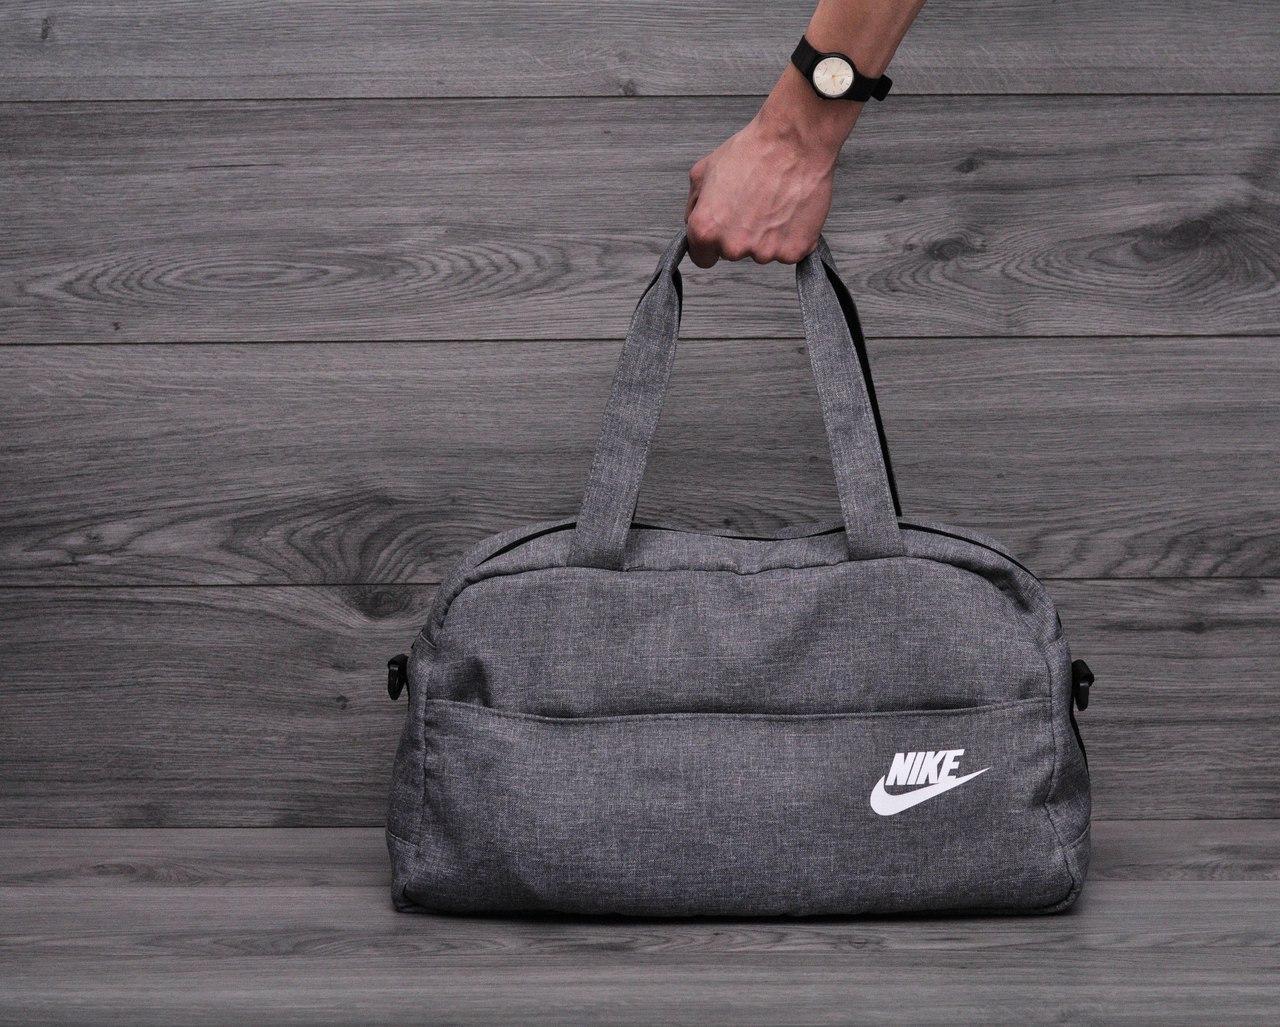 9f1f1d4edec8 Спортивная сумка Nike, цена 399 грн., купить в Днепре — Prom.ua (ID ...